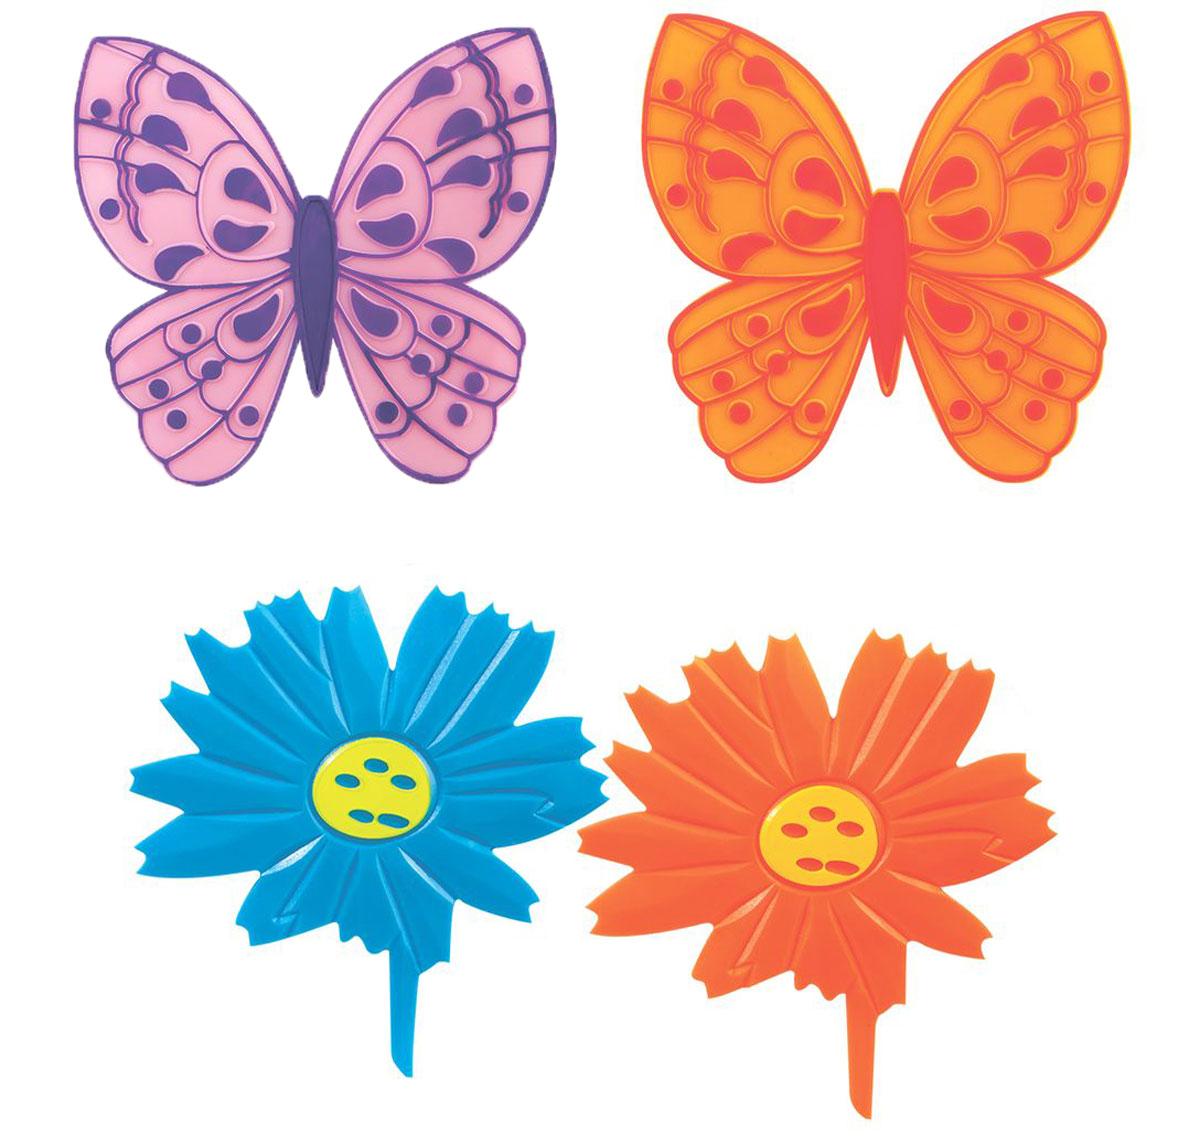 Valiant Мини-коврик для ванной комнаты Бабочки и цветочки на присосках 4 шт68/5/2Мини-коврик для ванной комнаты Valiant Бабочки и цветочки - это модный и экономичный способ сделать вашу ванную комнату более уютной, красивой и безопасной.В наборе представлены 4 мини-коврика в виде бабочек и цветочков. Коврики прочно крепятся на любую гладкую поверхность с помощью присосок. Расположите коврики там, где вам необходимо яркое цветовое пятно и надежная противоскользящая опора - на поверхности ванной, на кафельной стене или стенке душевой кабины или на полу - как дополнение вашего коврика стандартного размера.Мини-коврики Valiant незаменимы при купании маленького ребенка: он не поскользнется и не упадет, держась за мягкую и приятную на ощупь рифленую поверхность коврика.Рекомендации по уходу: после использования тщательно смойте остатки мыла или других косметических средств с коврика.